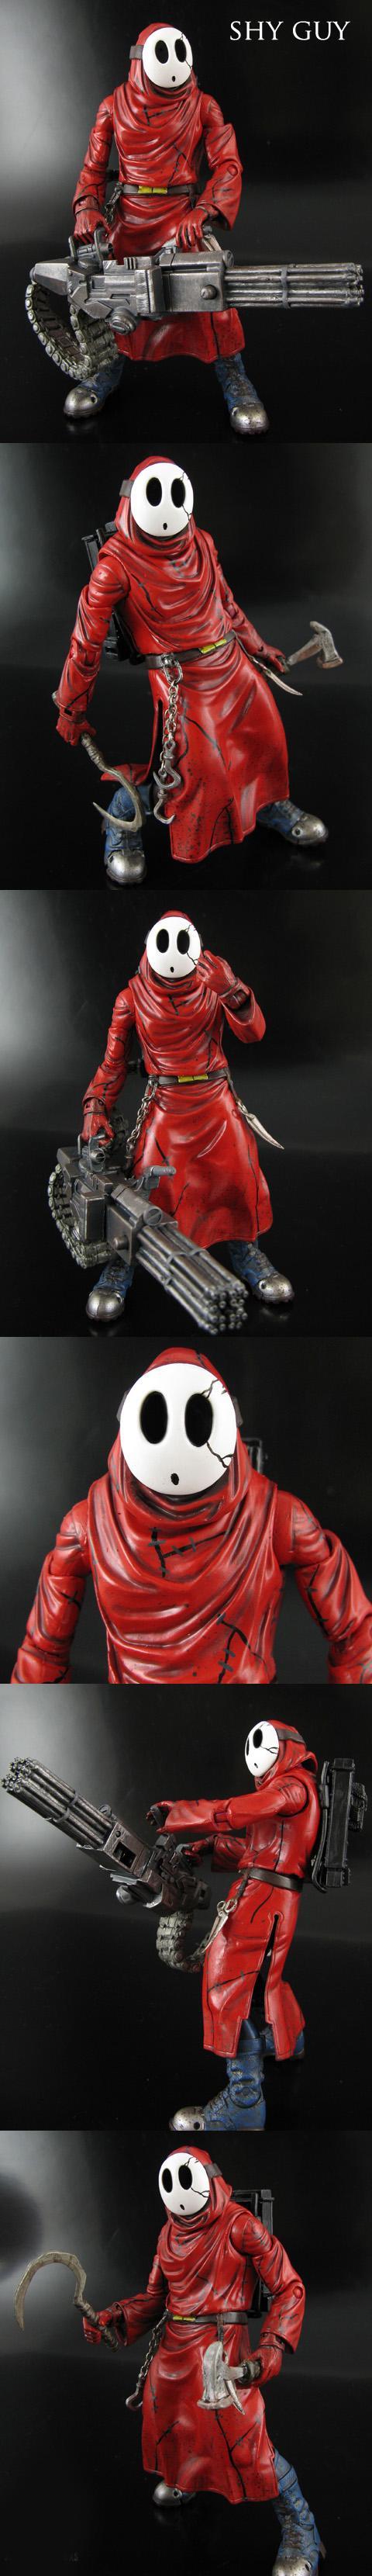 Поклонники серии игр Mario наверняка знают таких противников водопроводчика, как Shy Guys - всегда в масках, как на  ... - Изображение 3